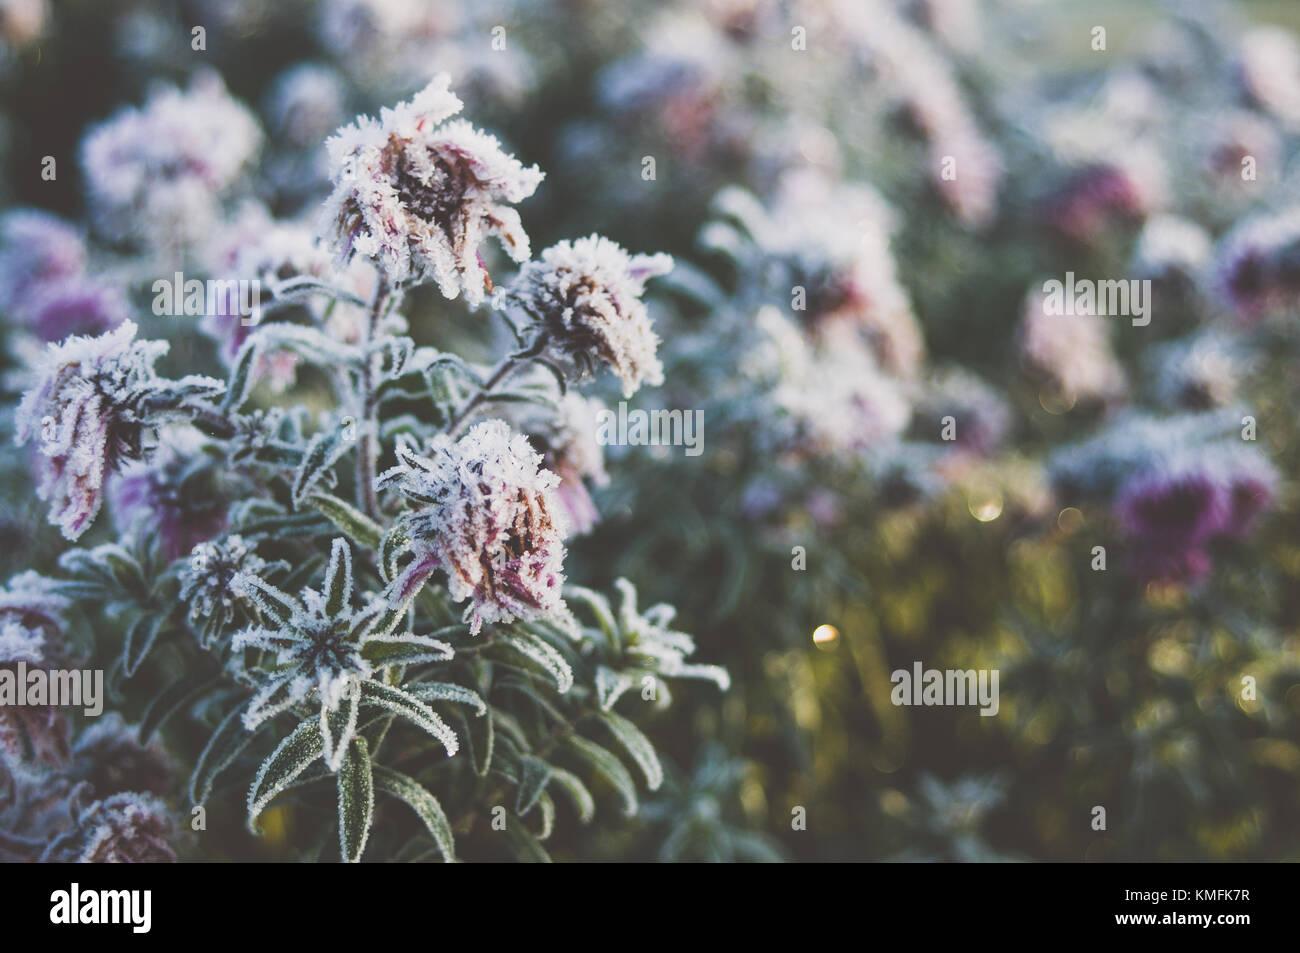 Fiori congelati. Romantica mattina. Immagini Stock